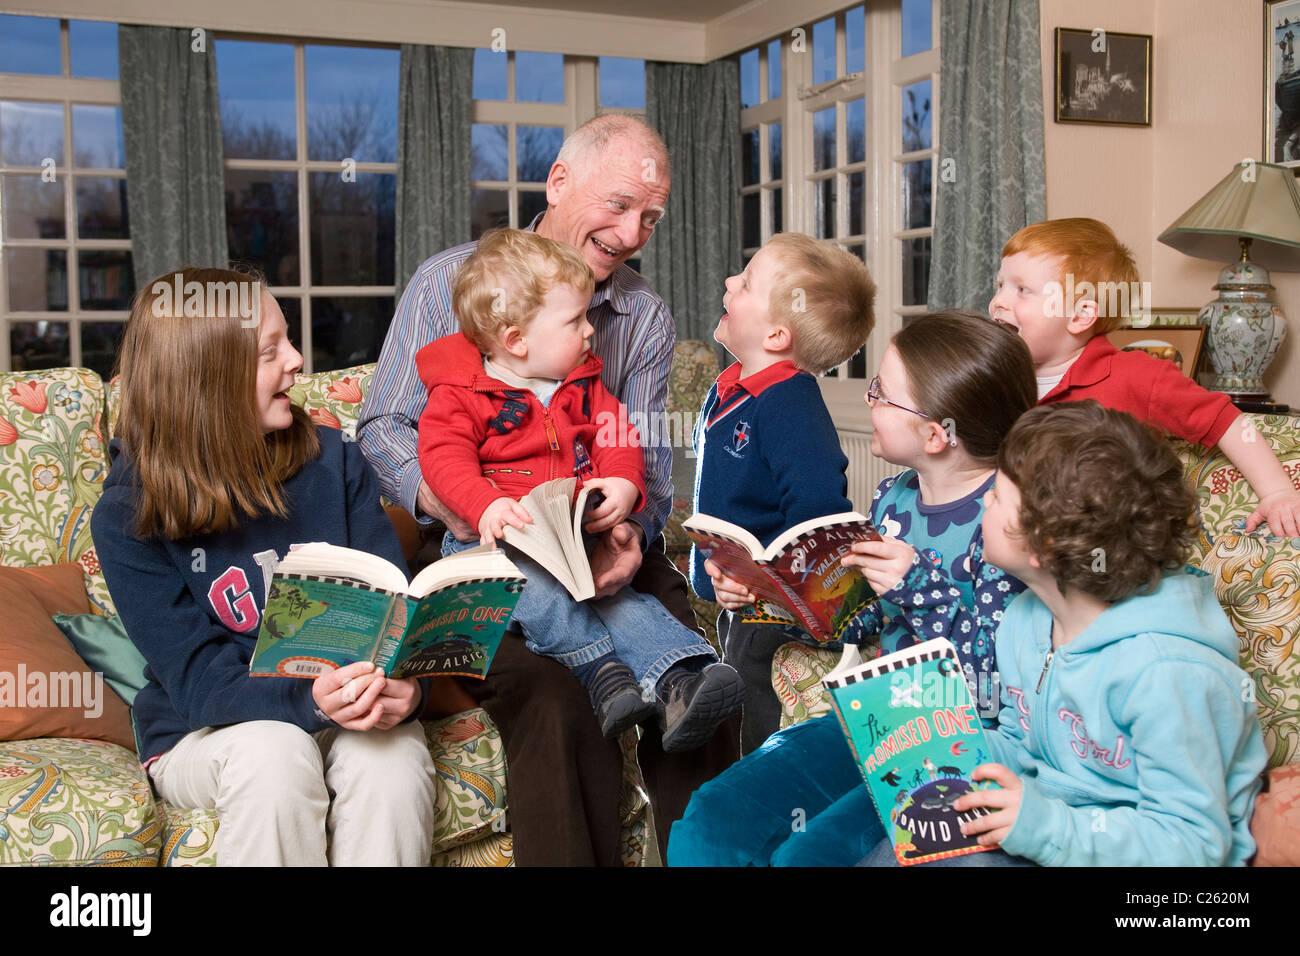 La lecture des grands-parents à ses petits-enfants. Photo:Jeff Gilbert Photo Stock